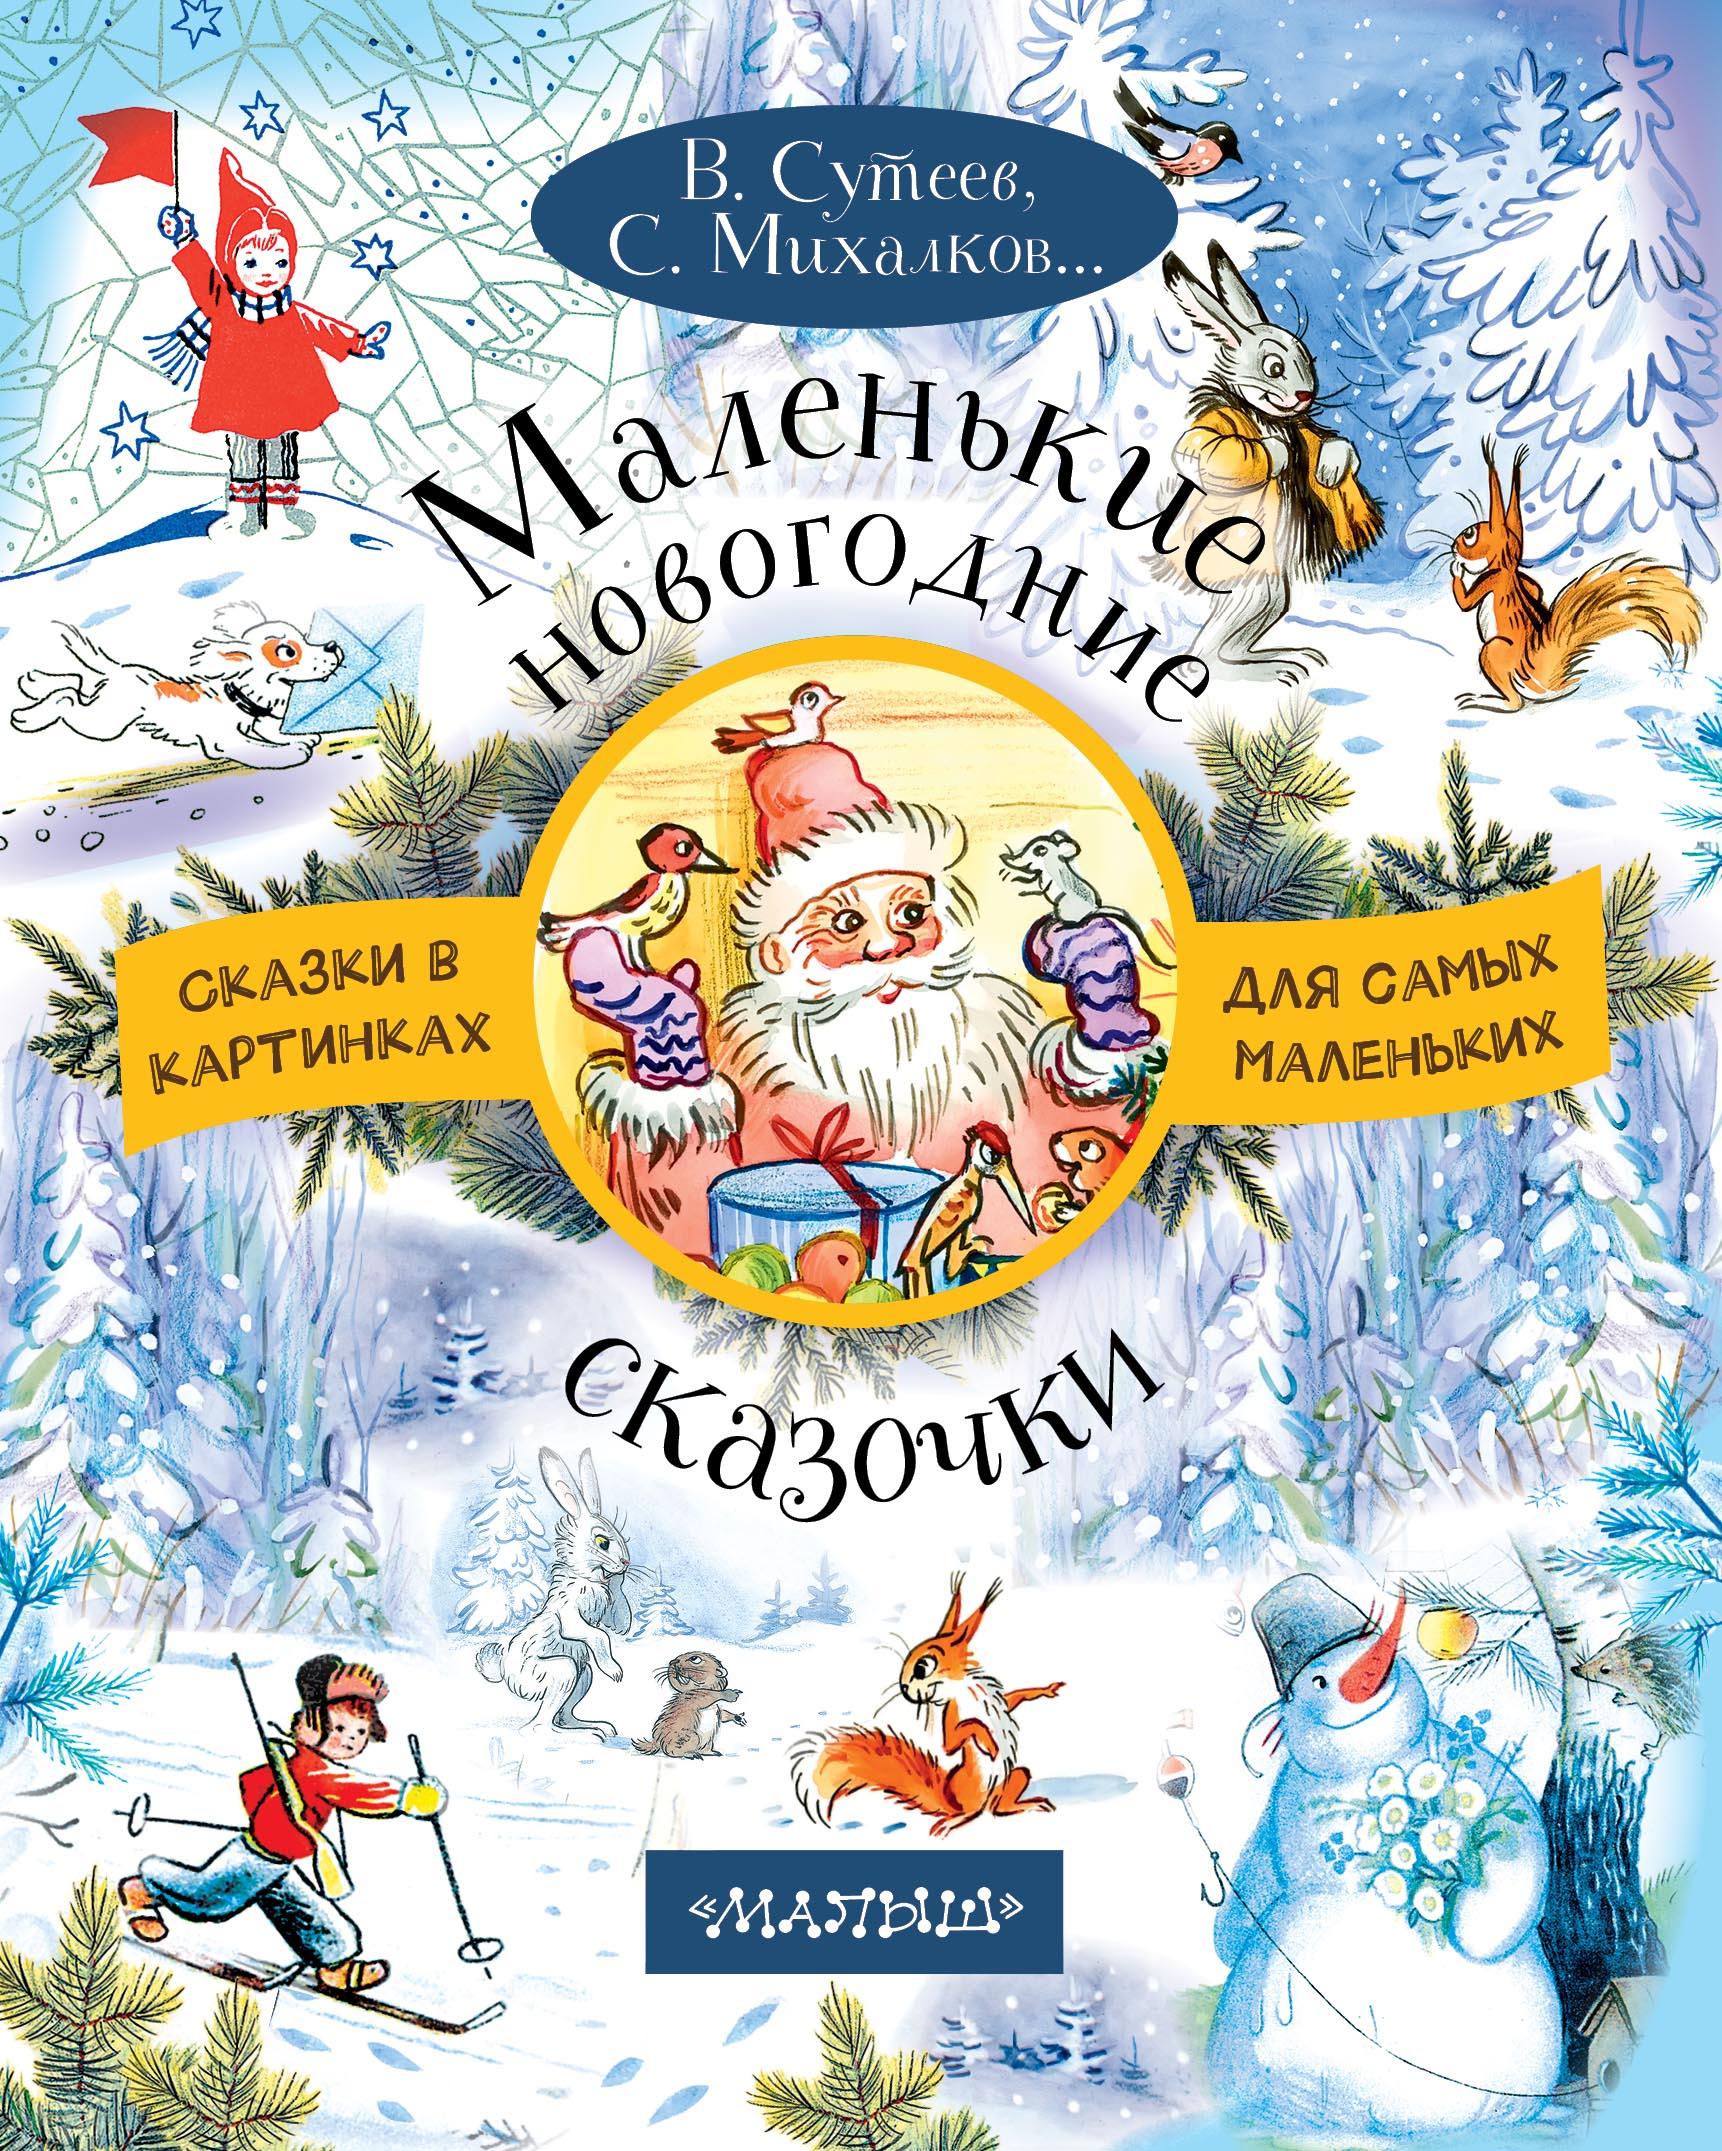 Сутеев В. , Михалков С. и др. Маленькие новогодние сказочки сутеев в михалков с и др новогодние сказки